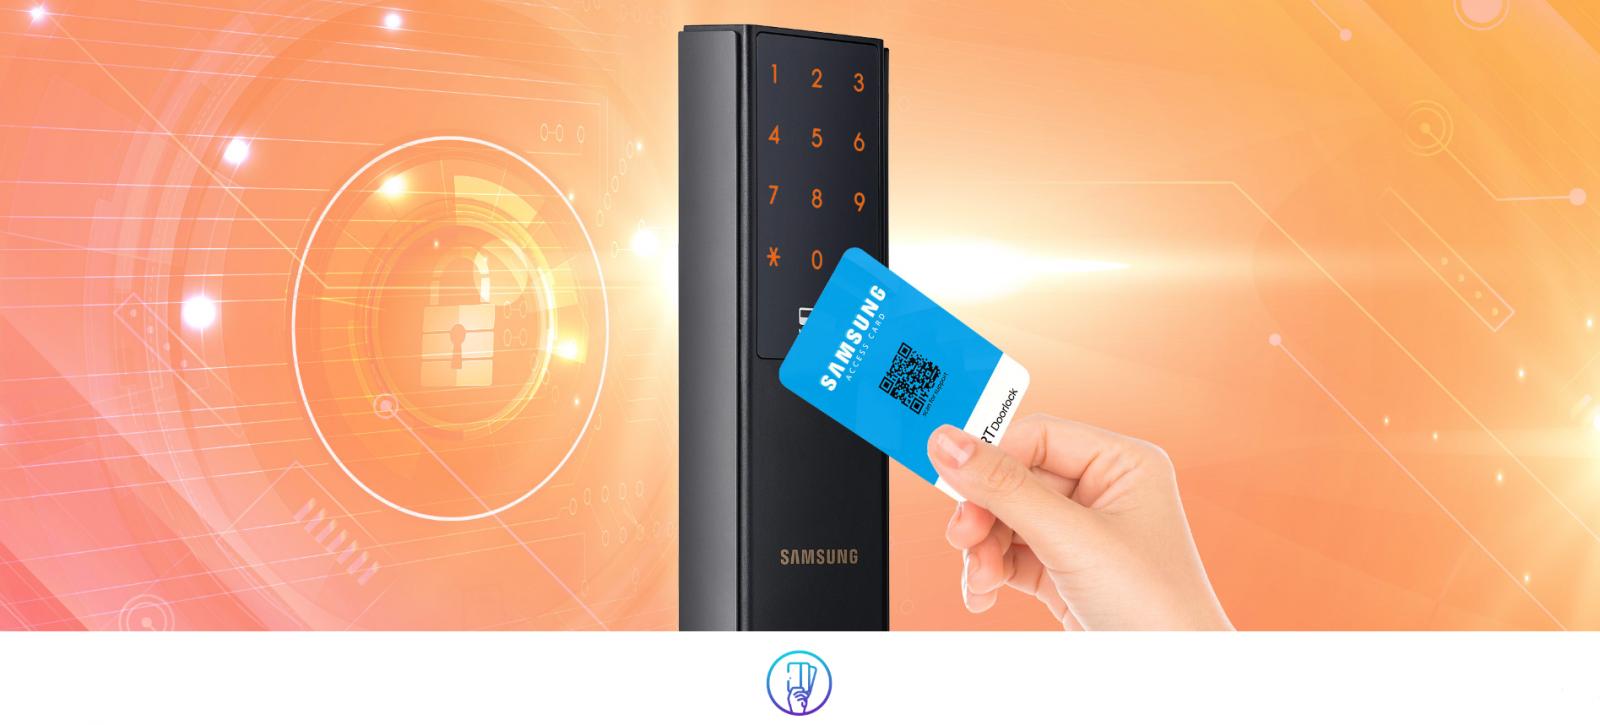 Khóa thẻ từ Samsung SHP-DH537